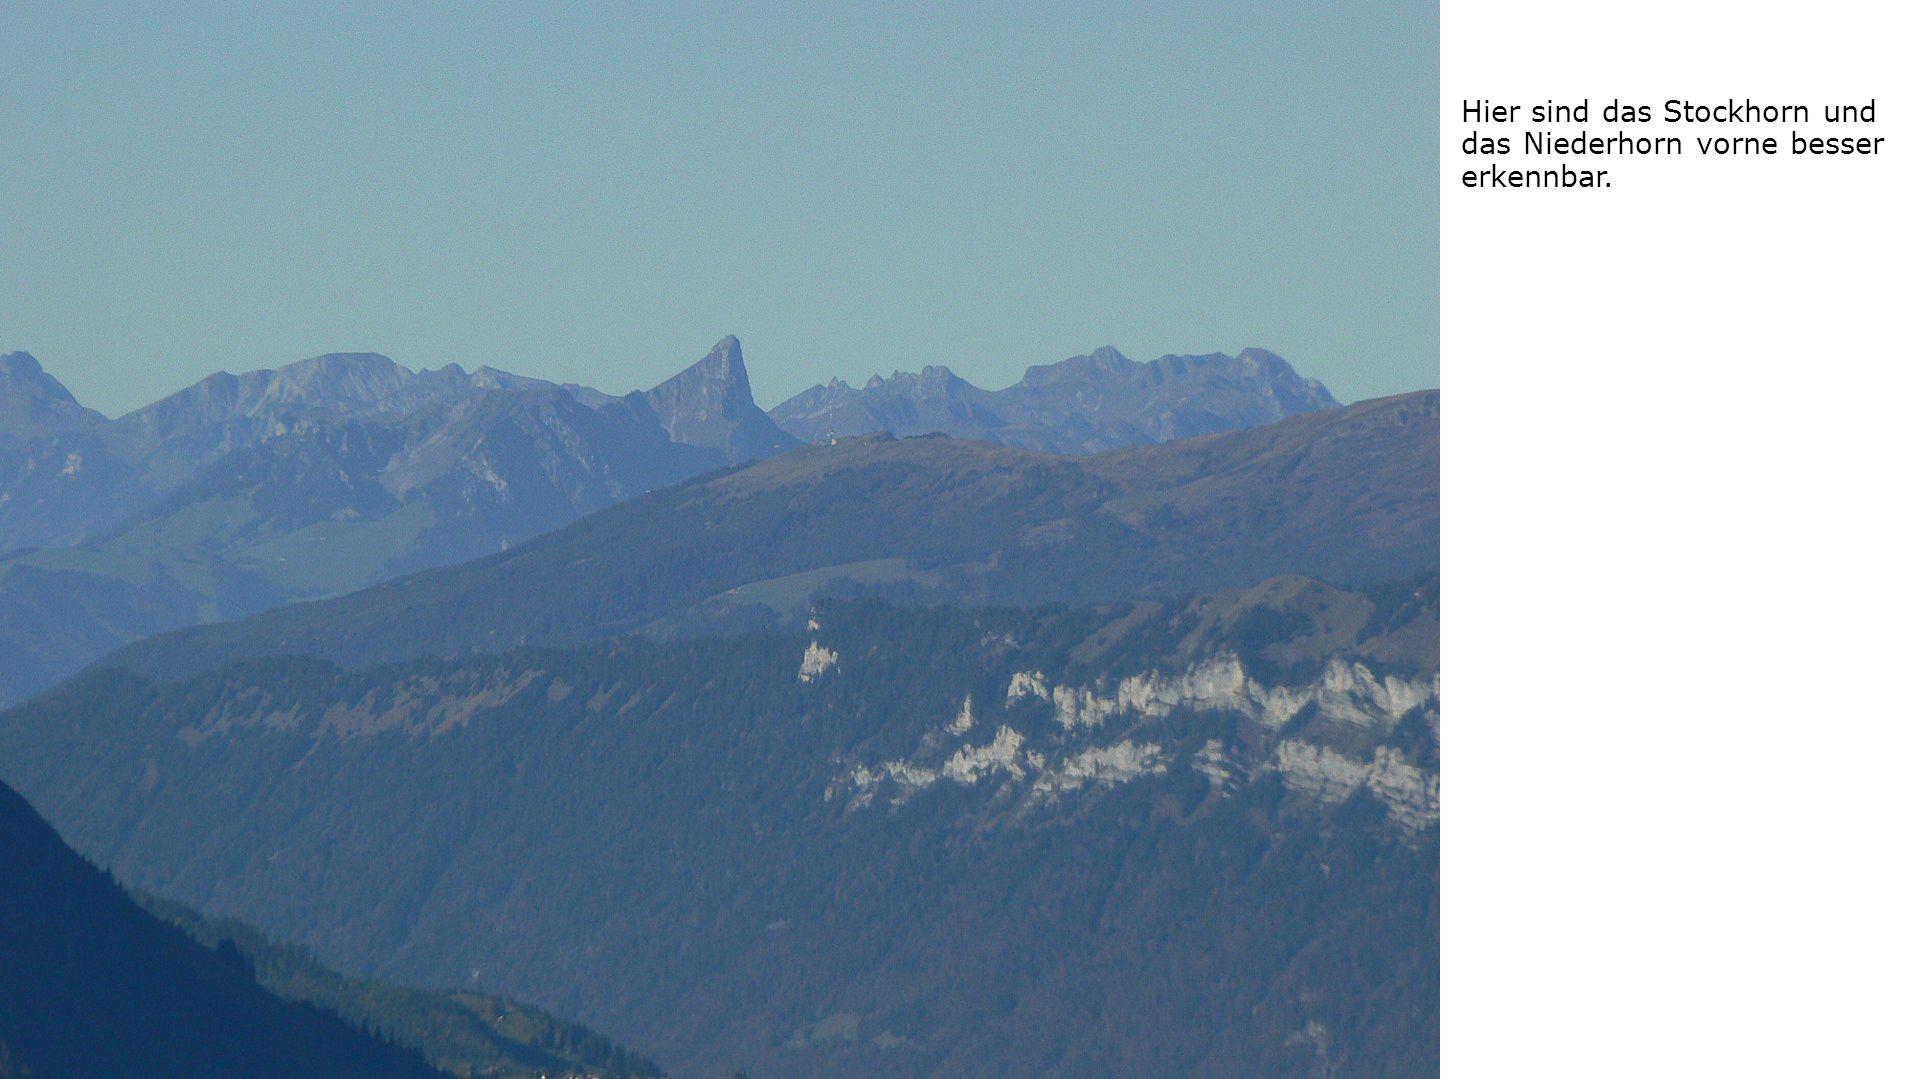 Hier sind das Stockhorn und das Niederhorn vorne besser erkennbar.